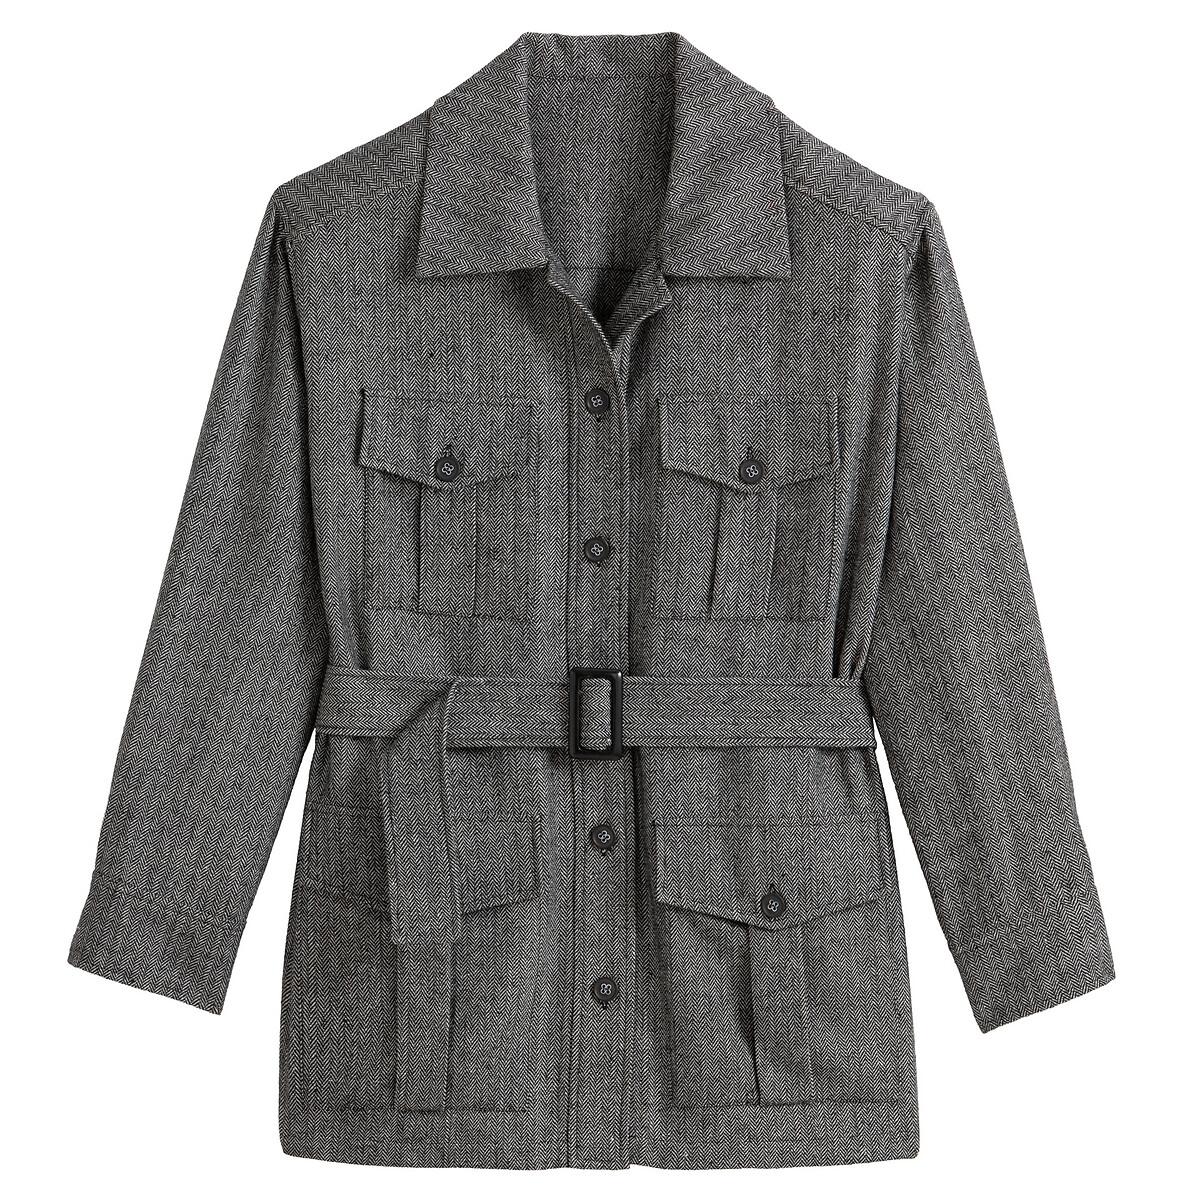 Casaco estilo safari, em tweed espinhado